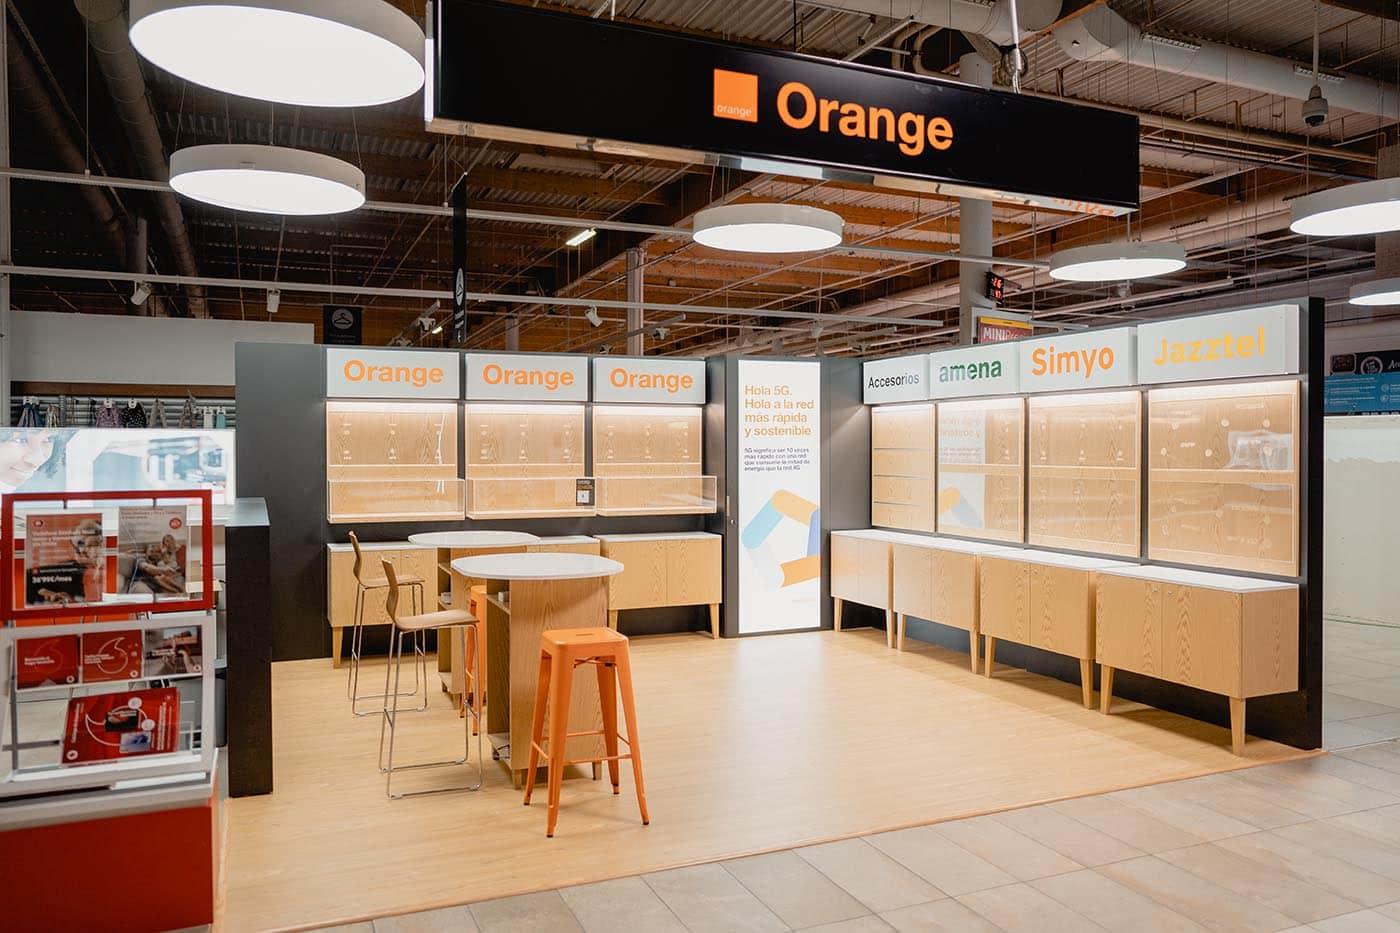 instore-clientes-orange-produccion-muebles-tiendas-espacios-comerciales